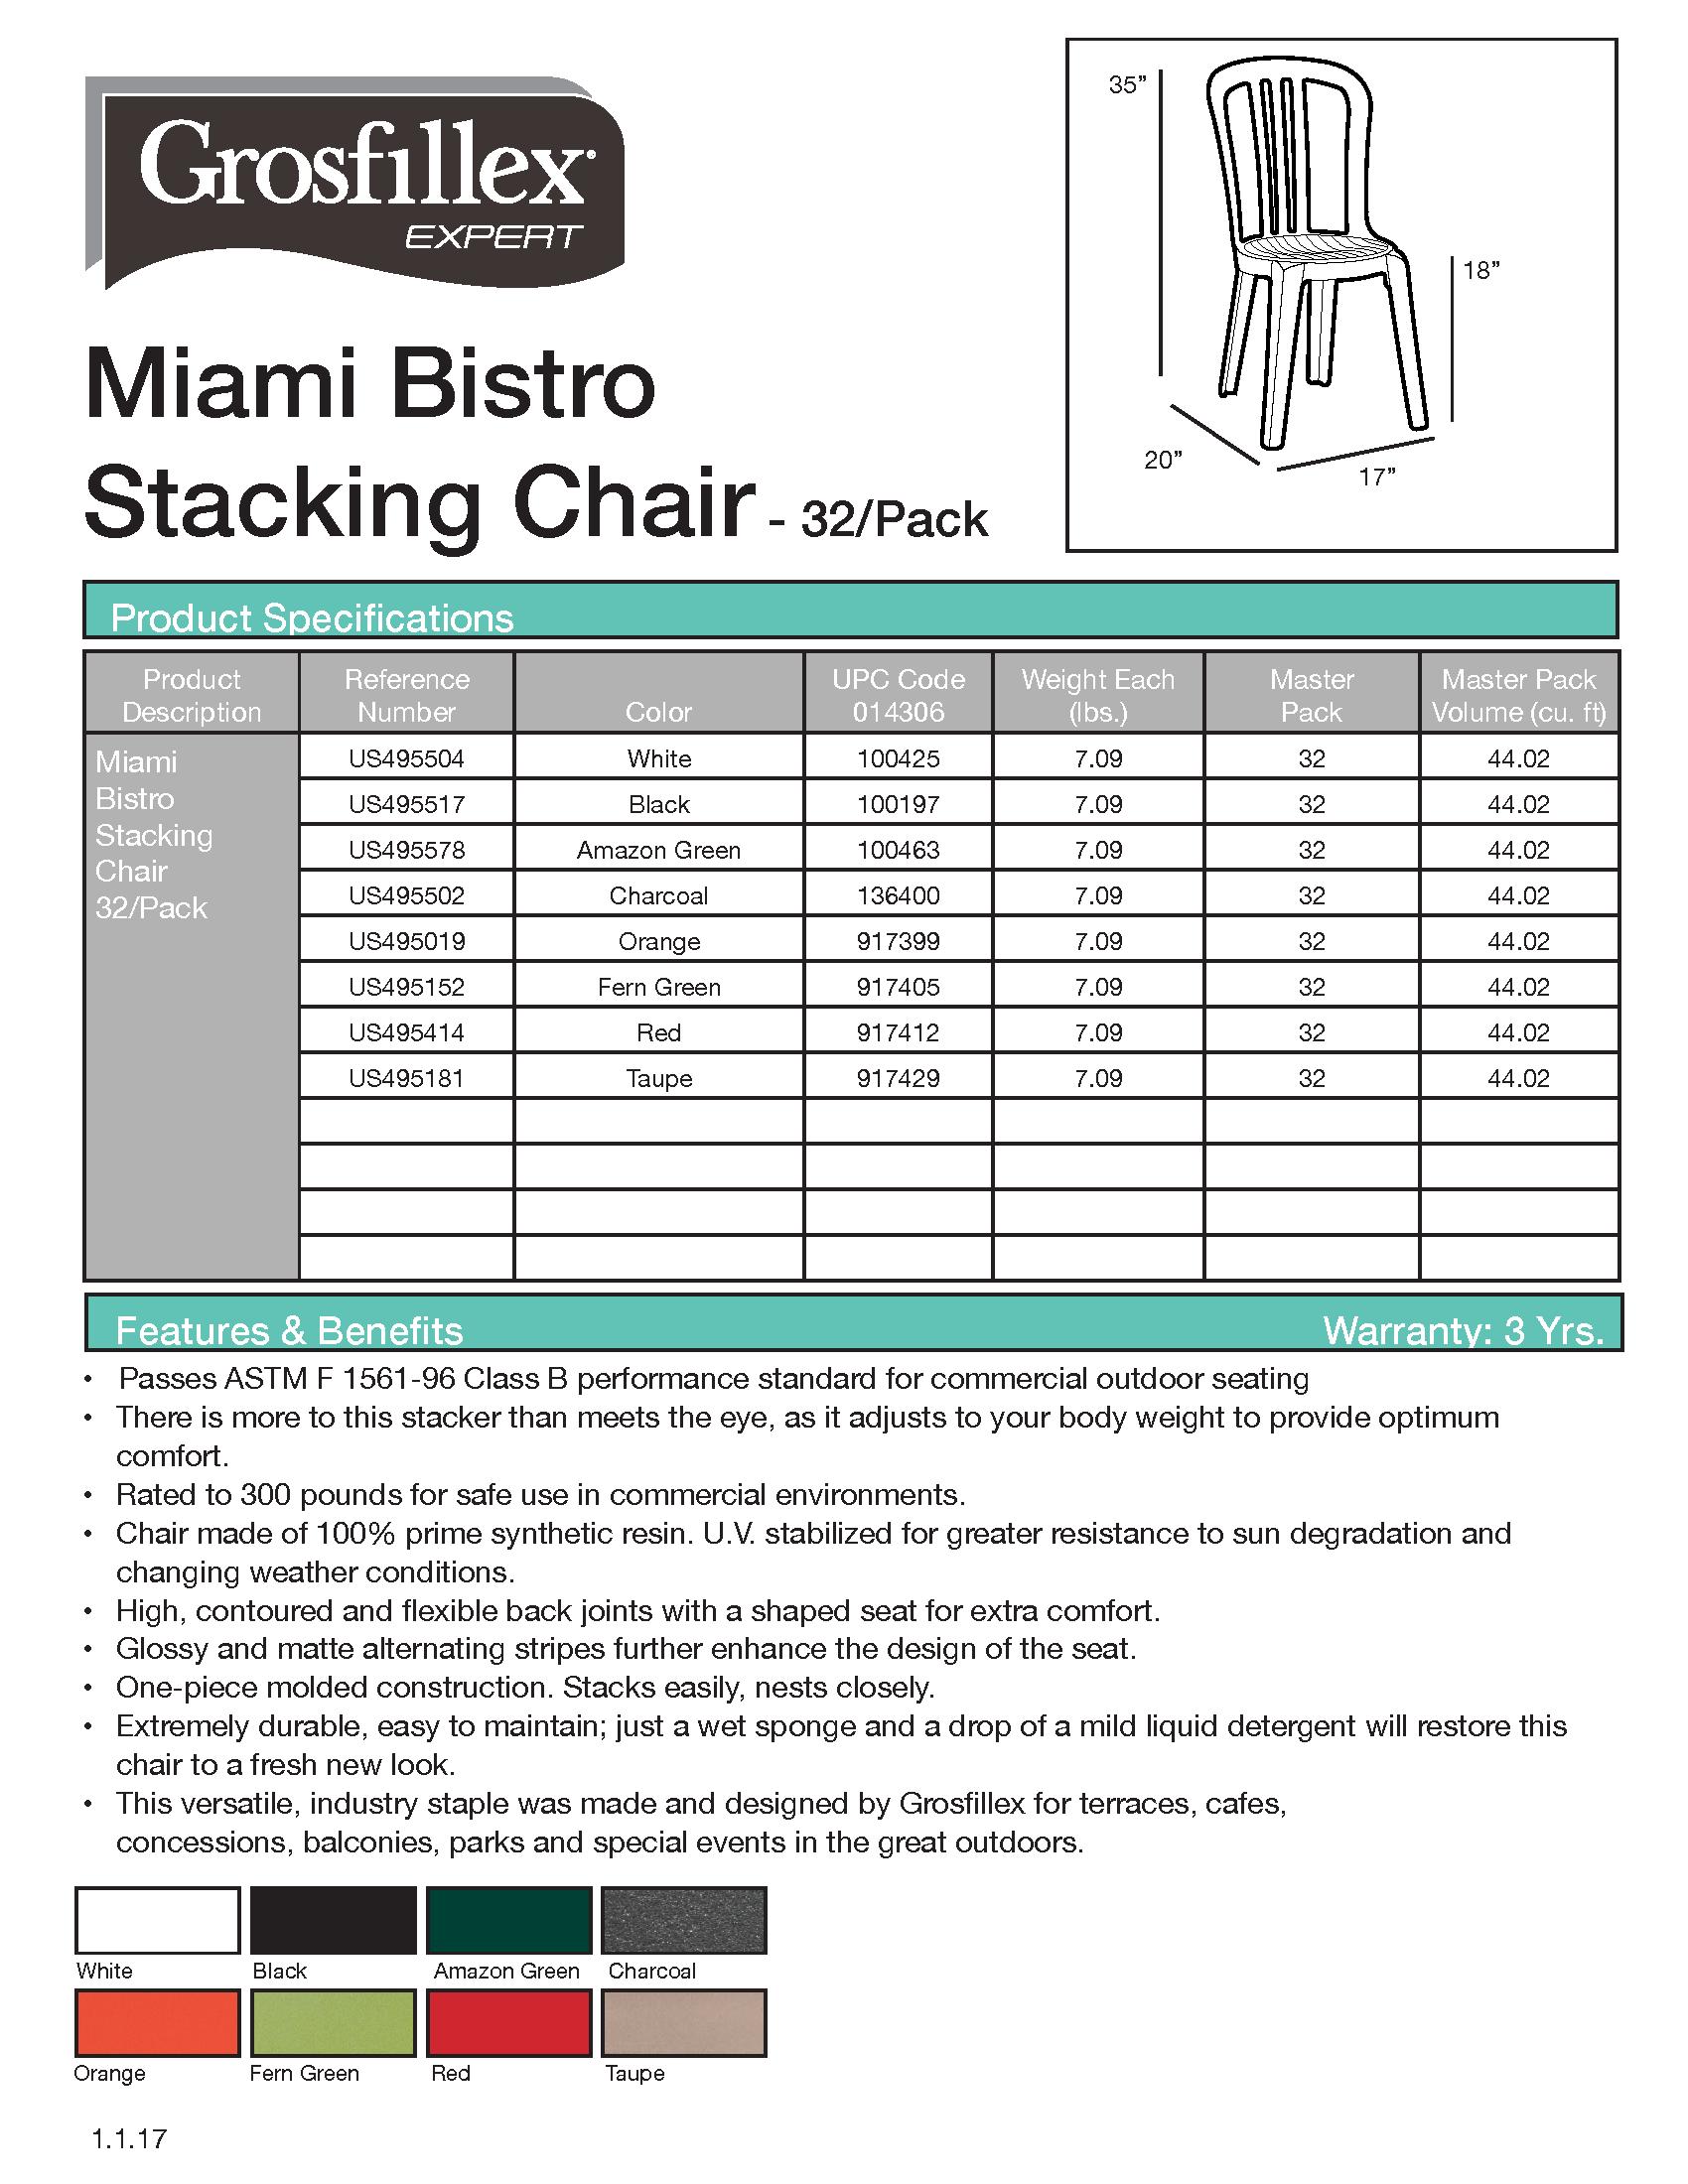 Miami Bistro 32-pack